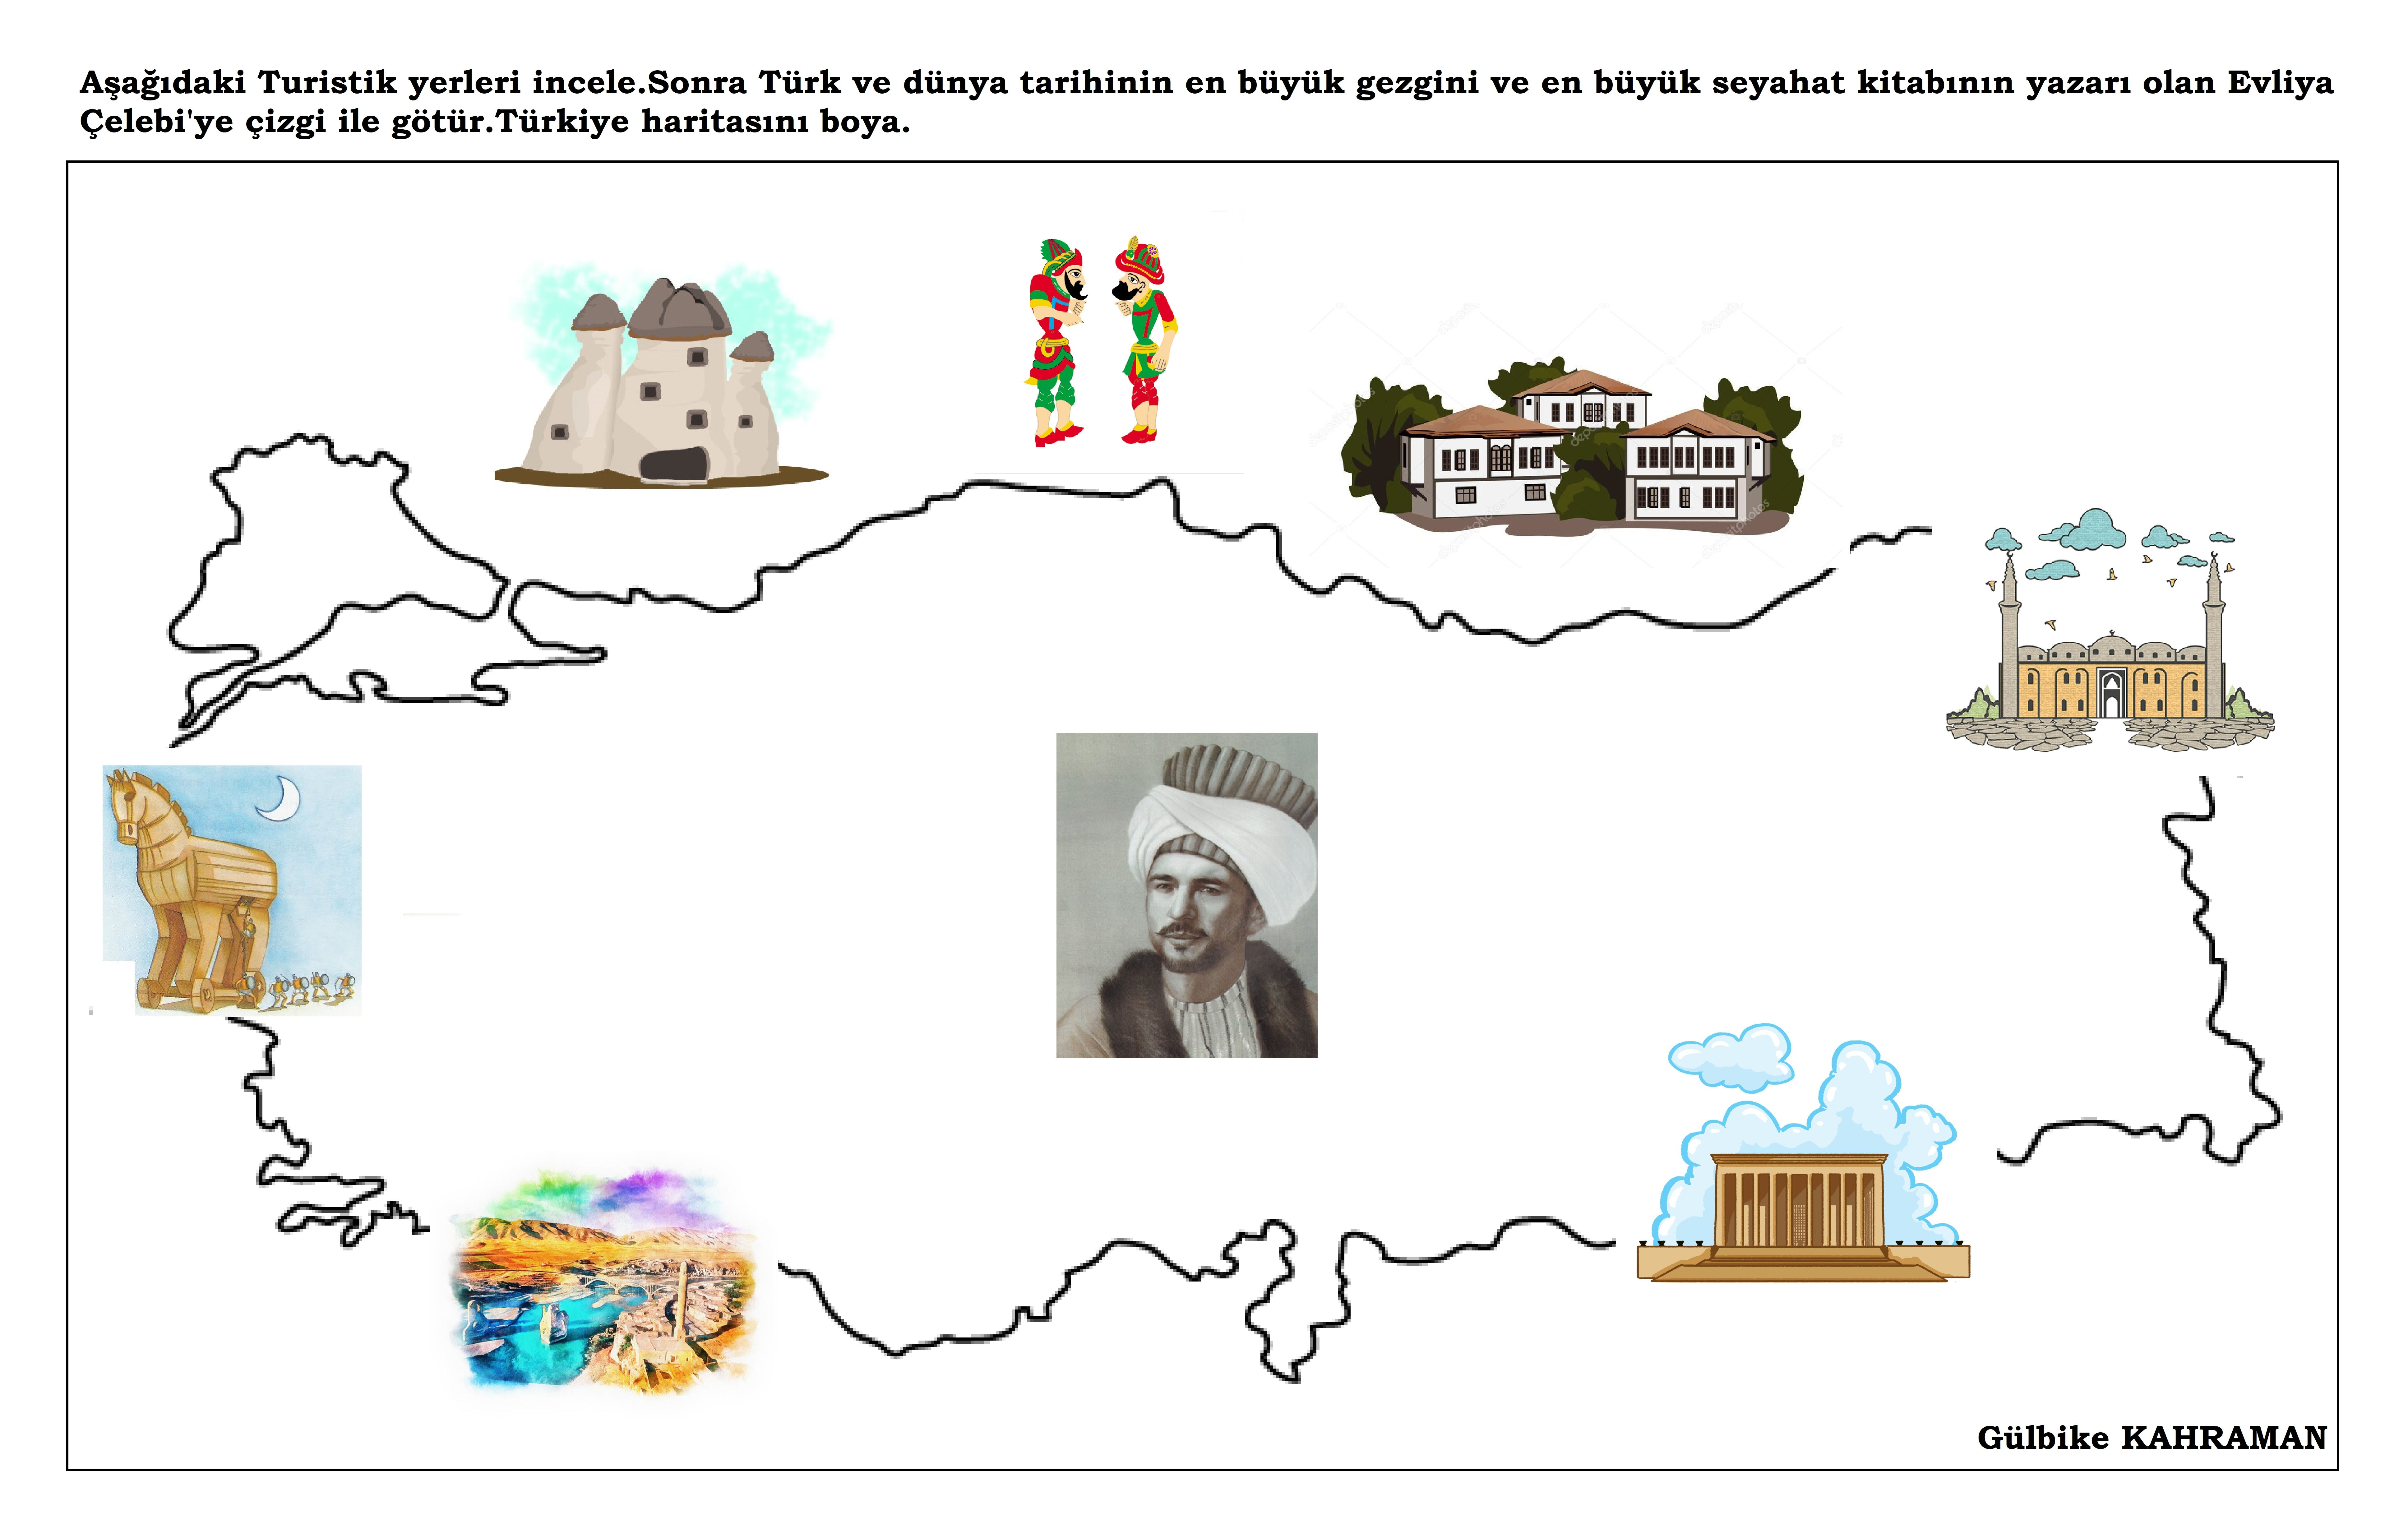 Okul öncesi Turizm Haftası Ve Evliya çelebi ünlü Kişiler Comics